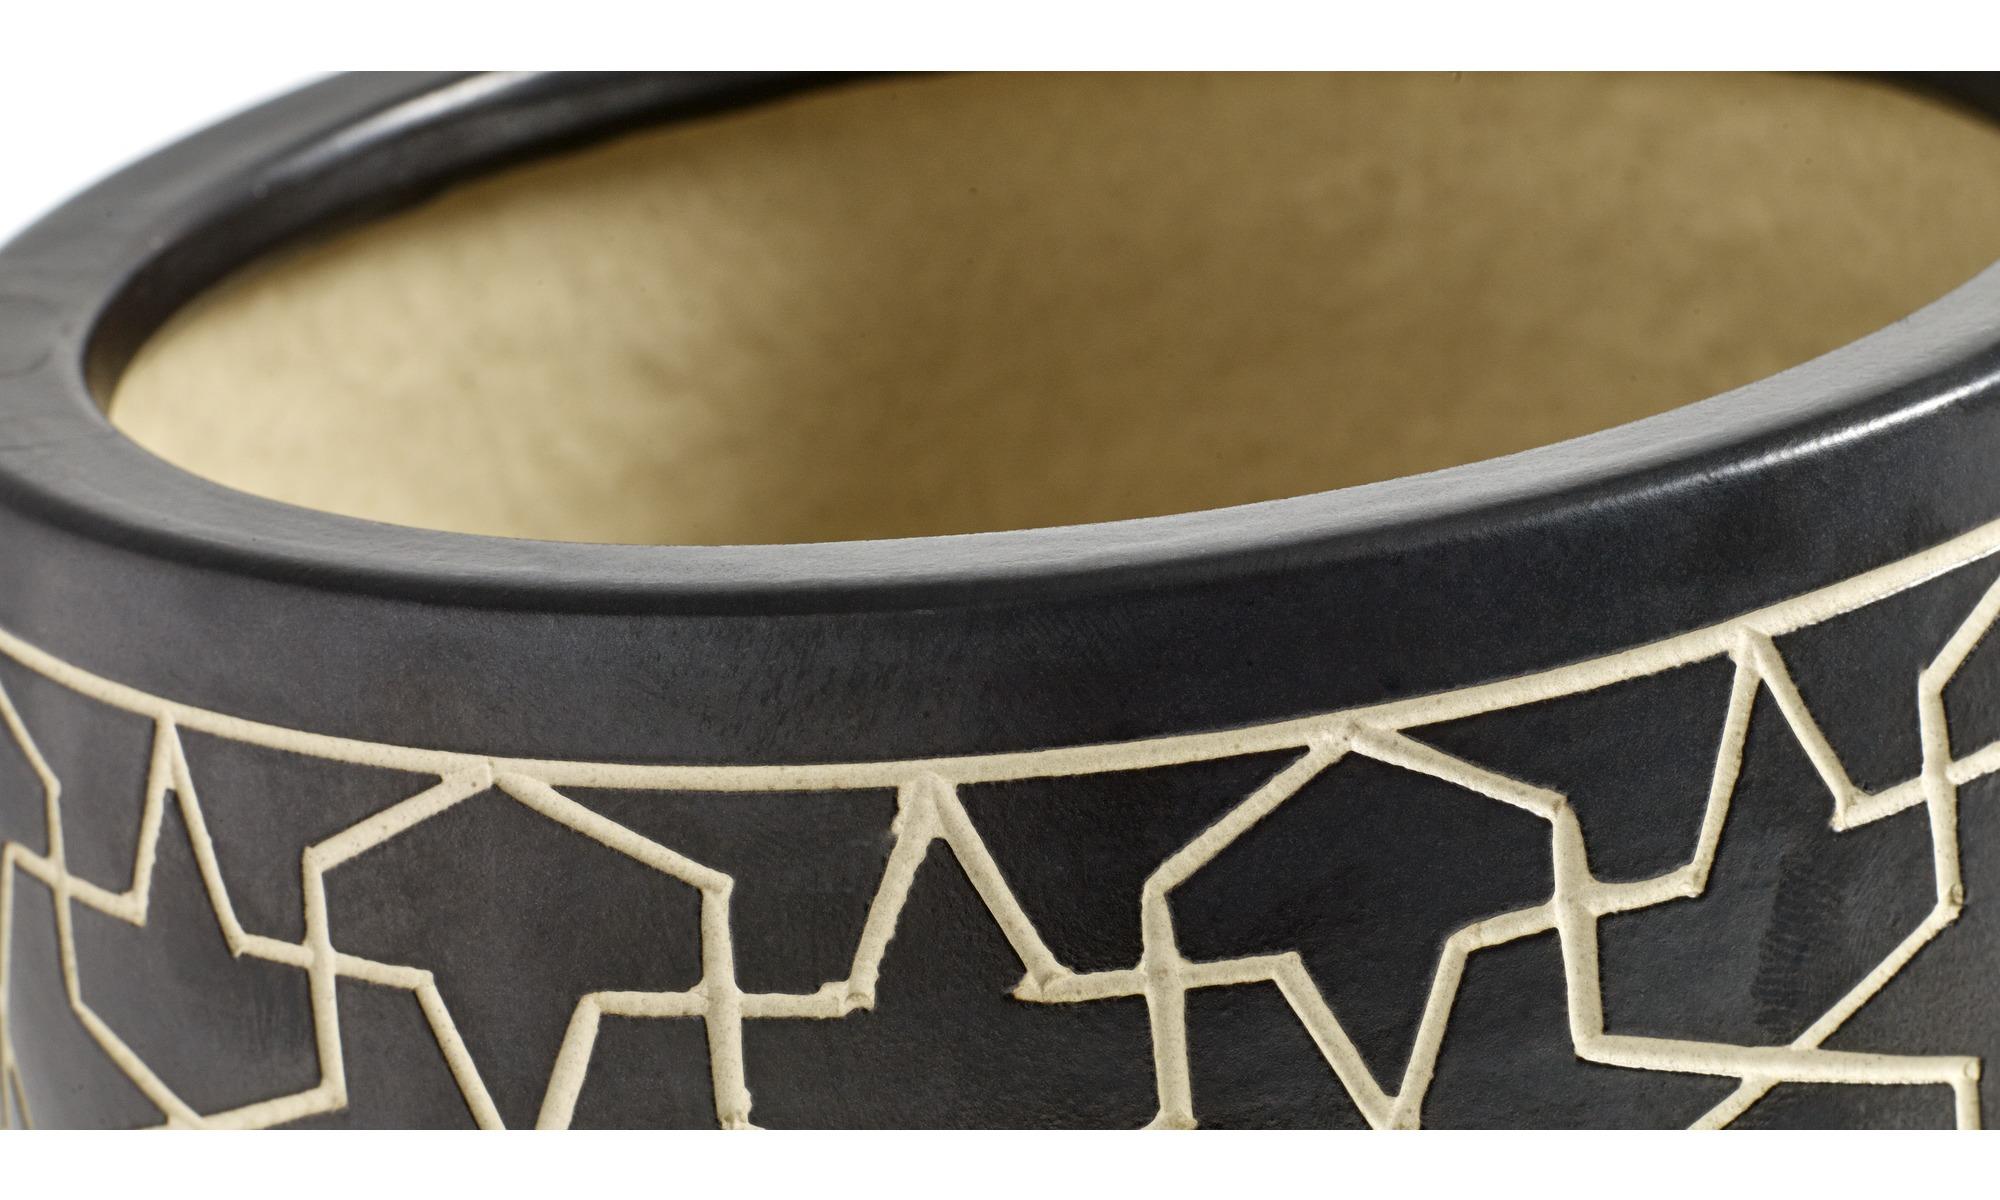 Vases ethnic vase boconcept vases ethnic vase black ceramic reviewsmspy